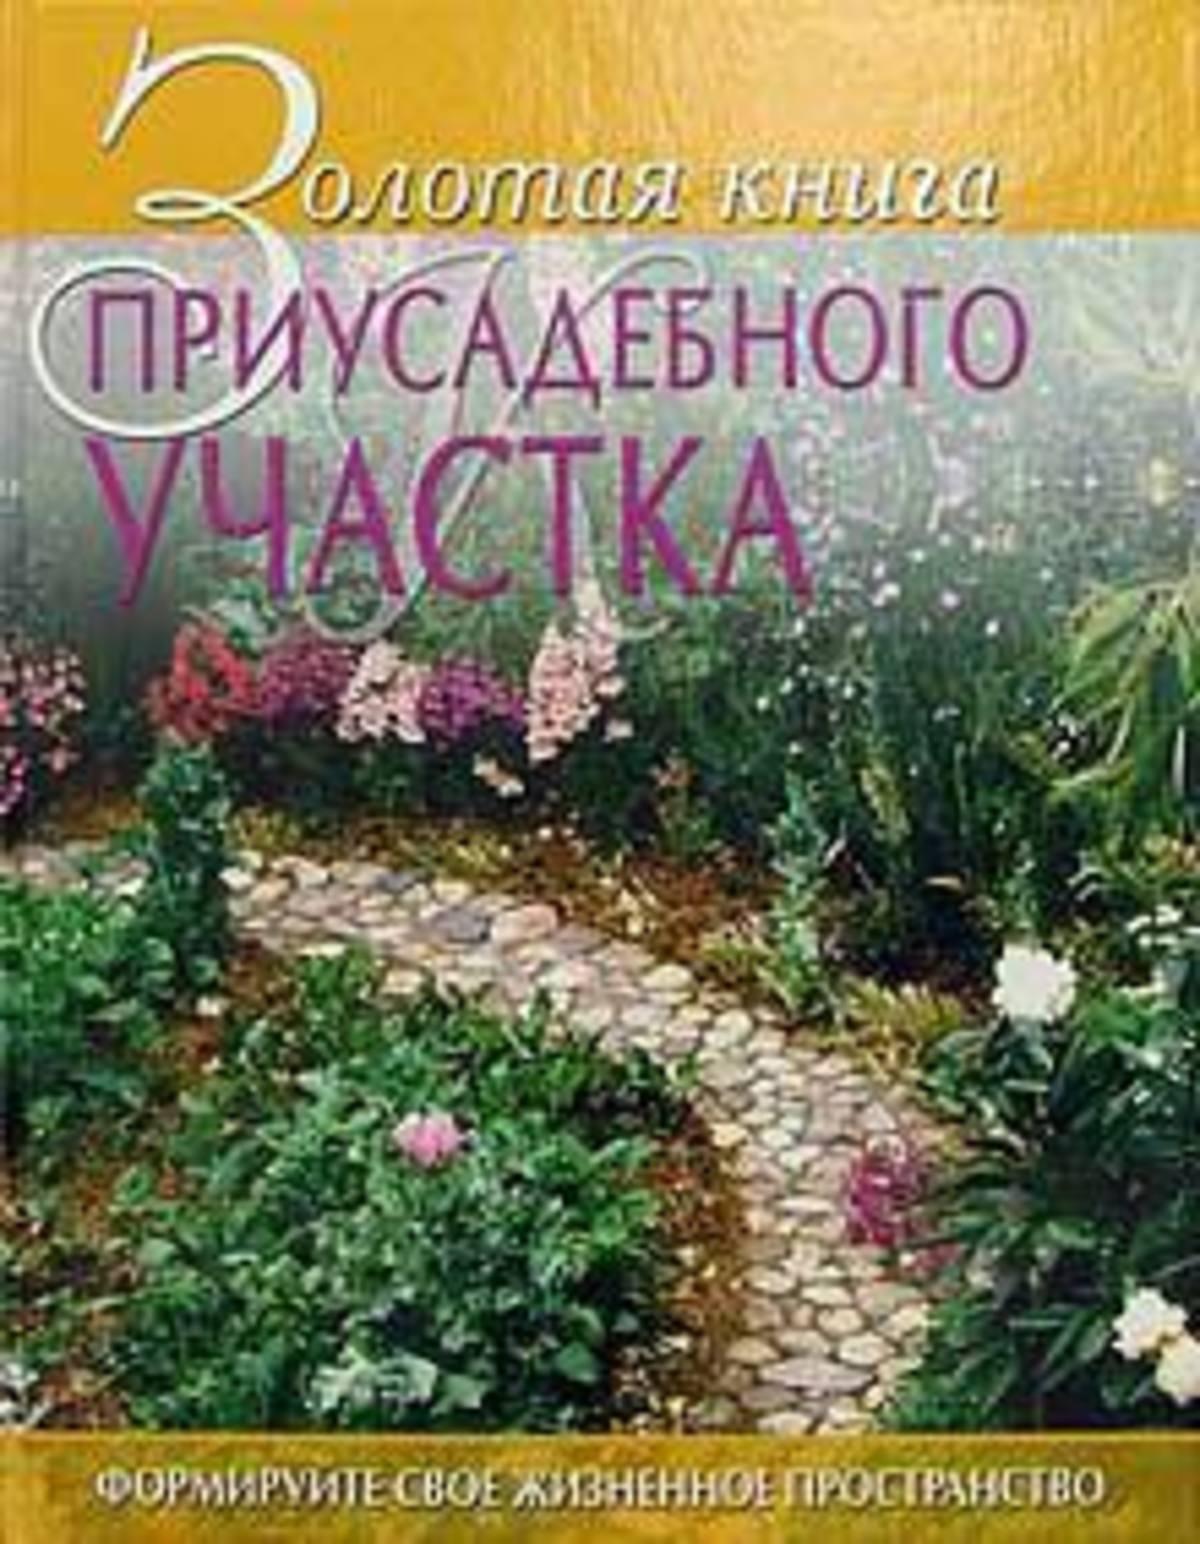 Золотая книга приусадебного участка - фото